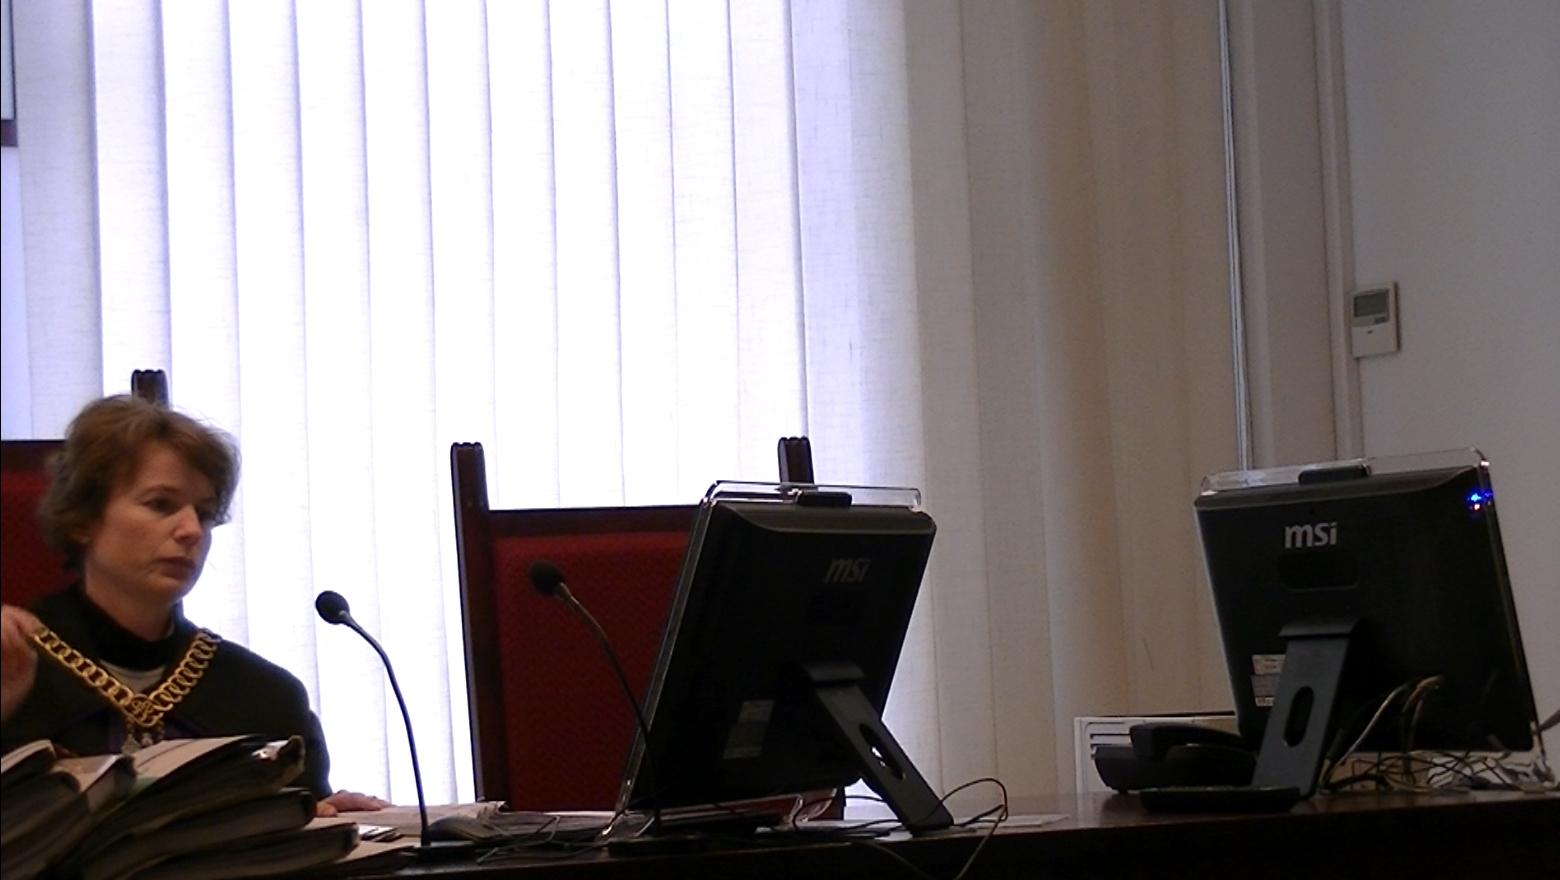 WOLNY CZYN: Koniec procesu w Gliwicach przeciw sędziom z Gliwic